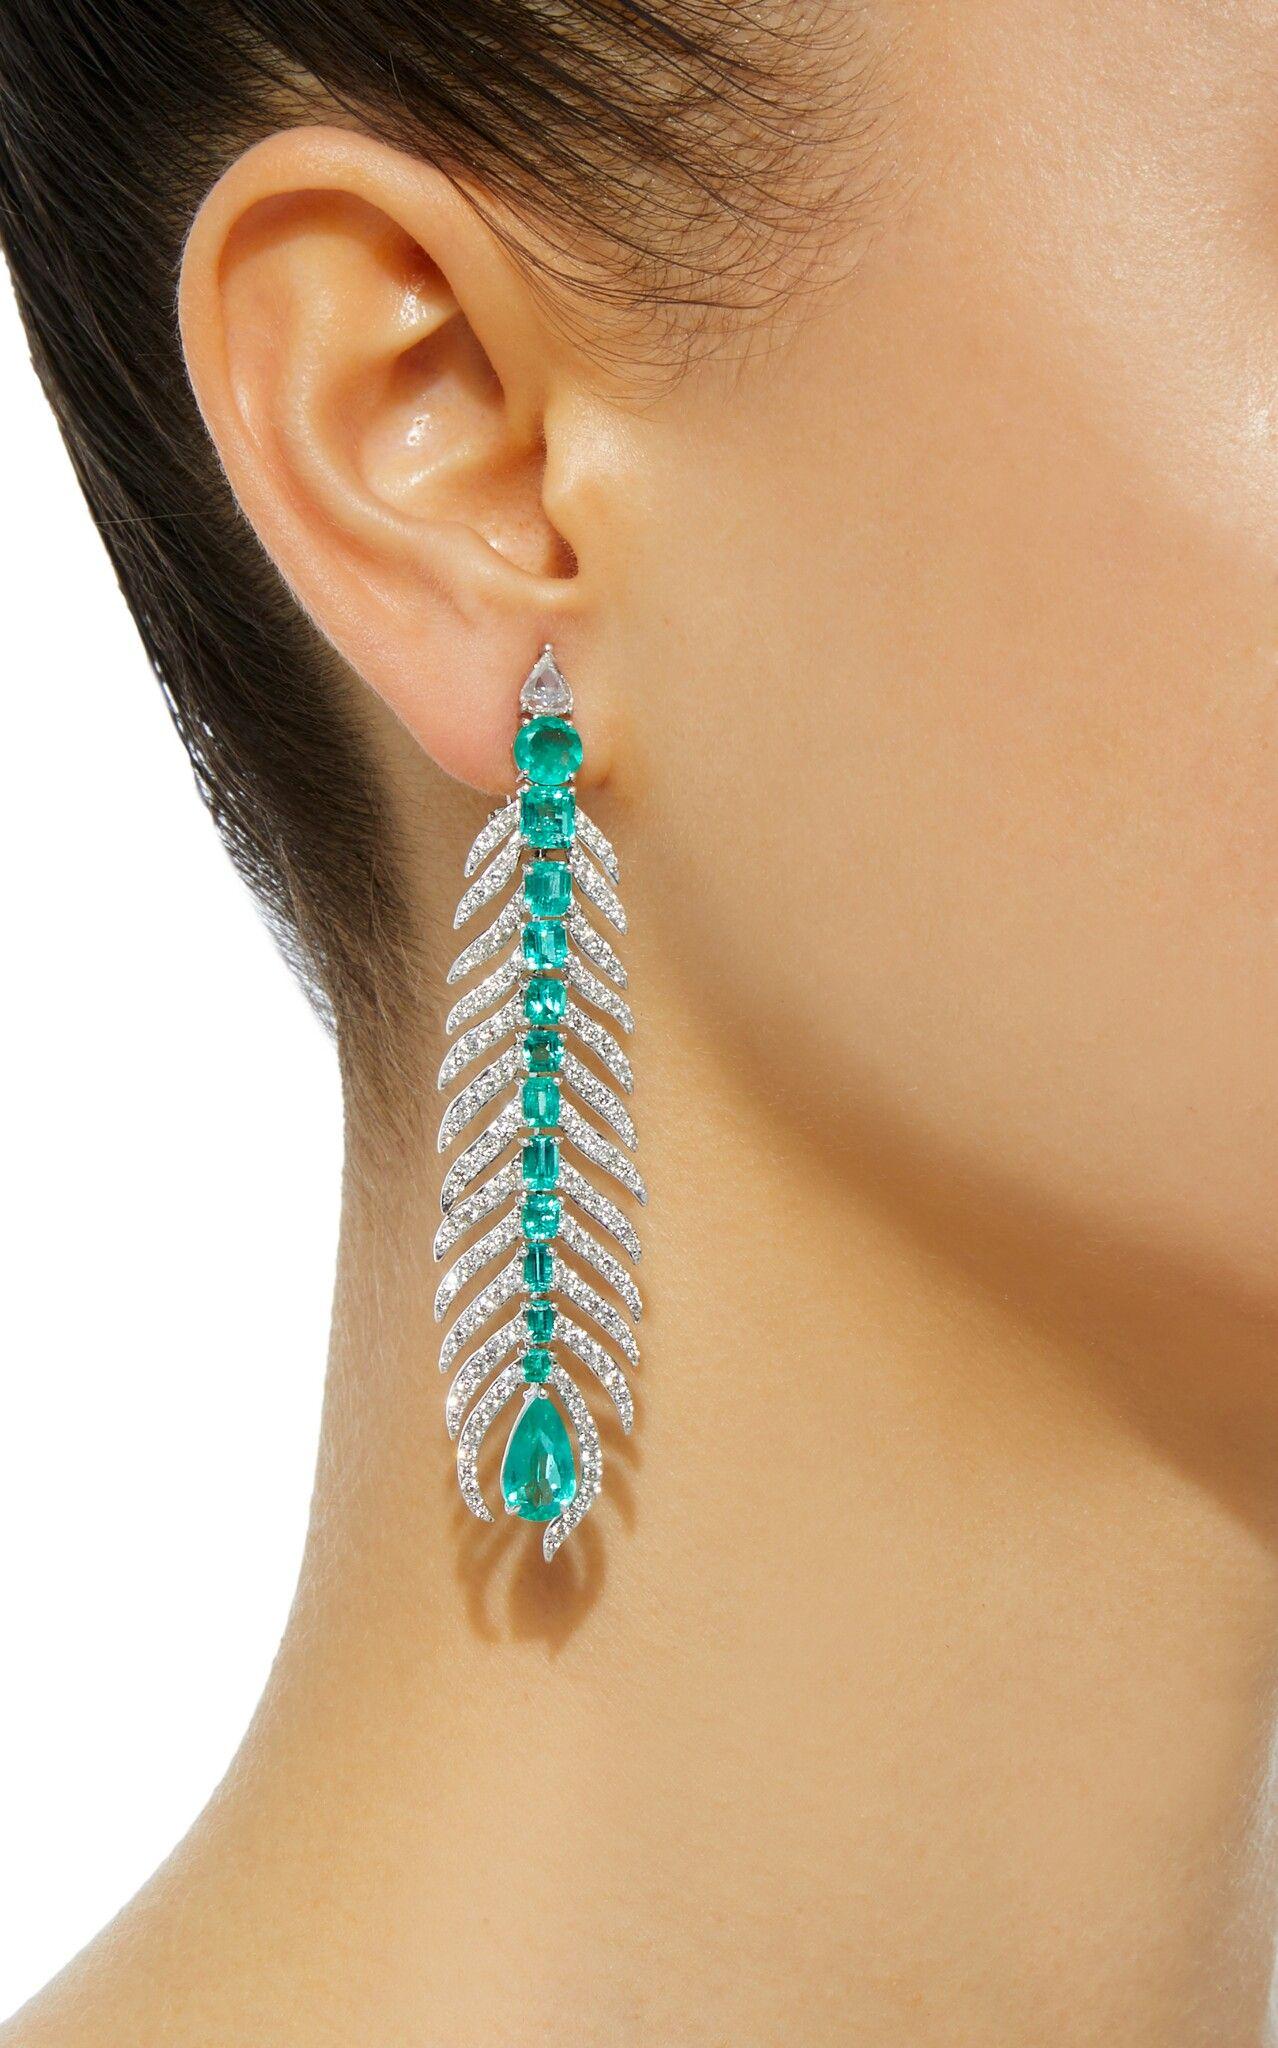 Pin by lorraine schwartz on earrings pinterest emeralds jewel